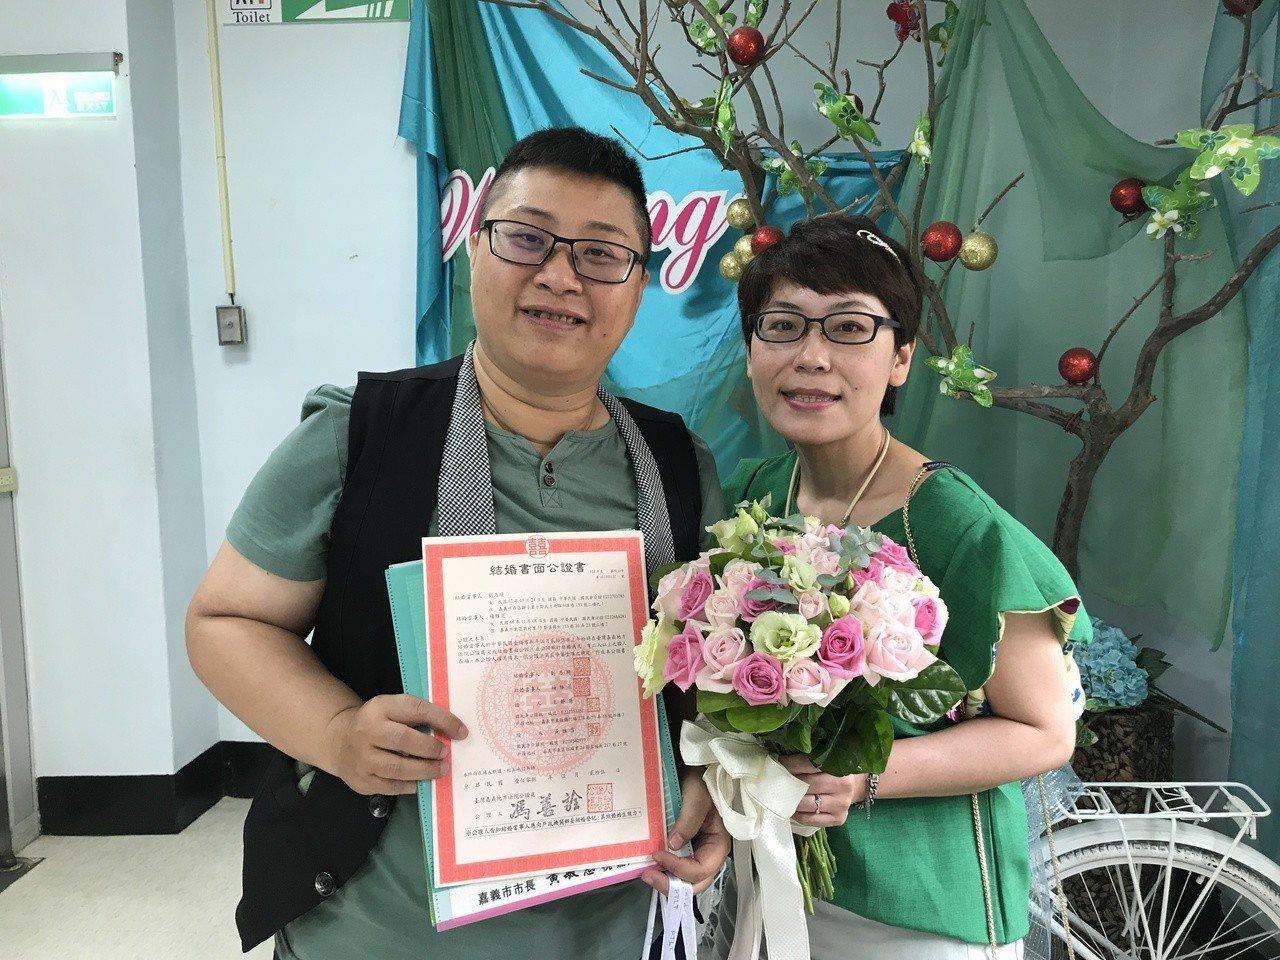 嘉義市民劉乃綺(左)和楊雅茨(右)交往9年,今天在友人陪同下完成公證和登記結婚。...